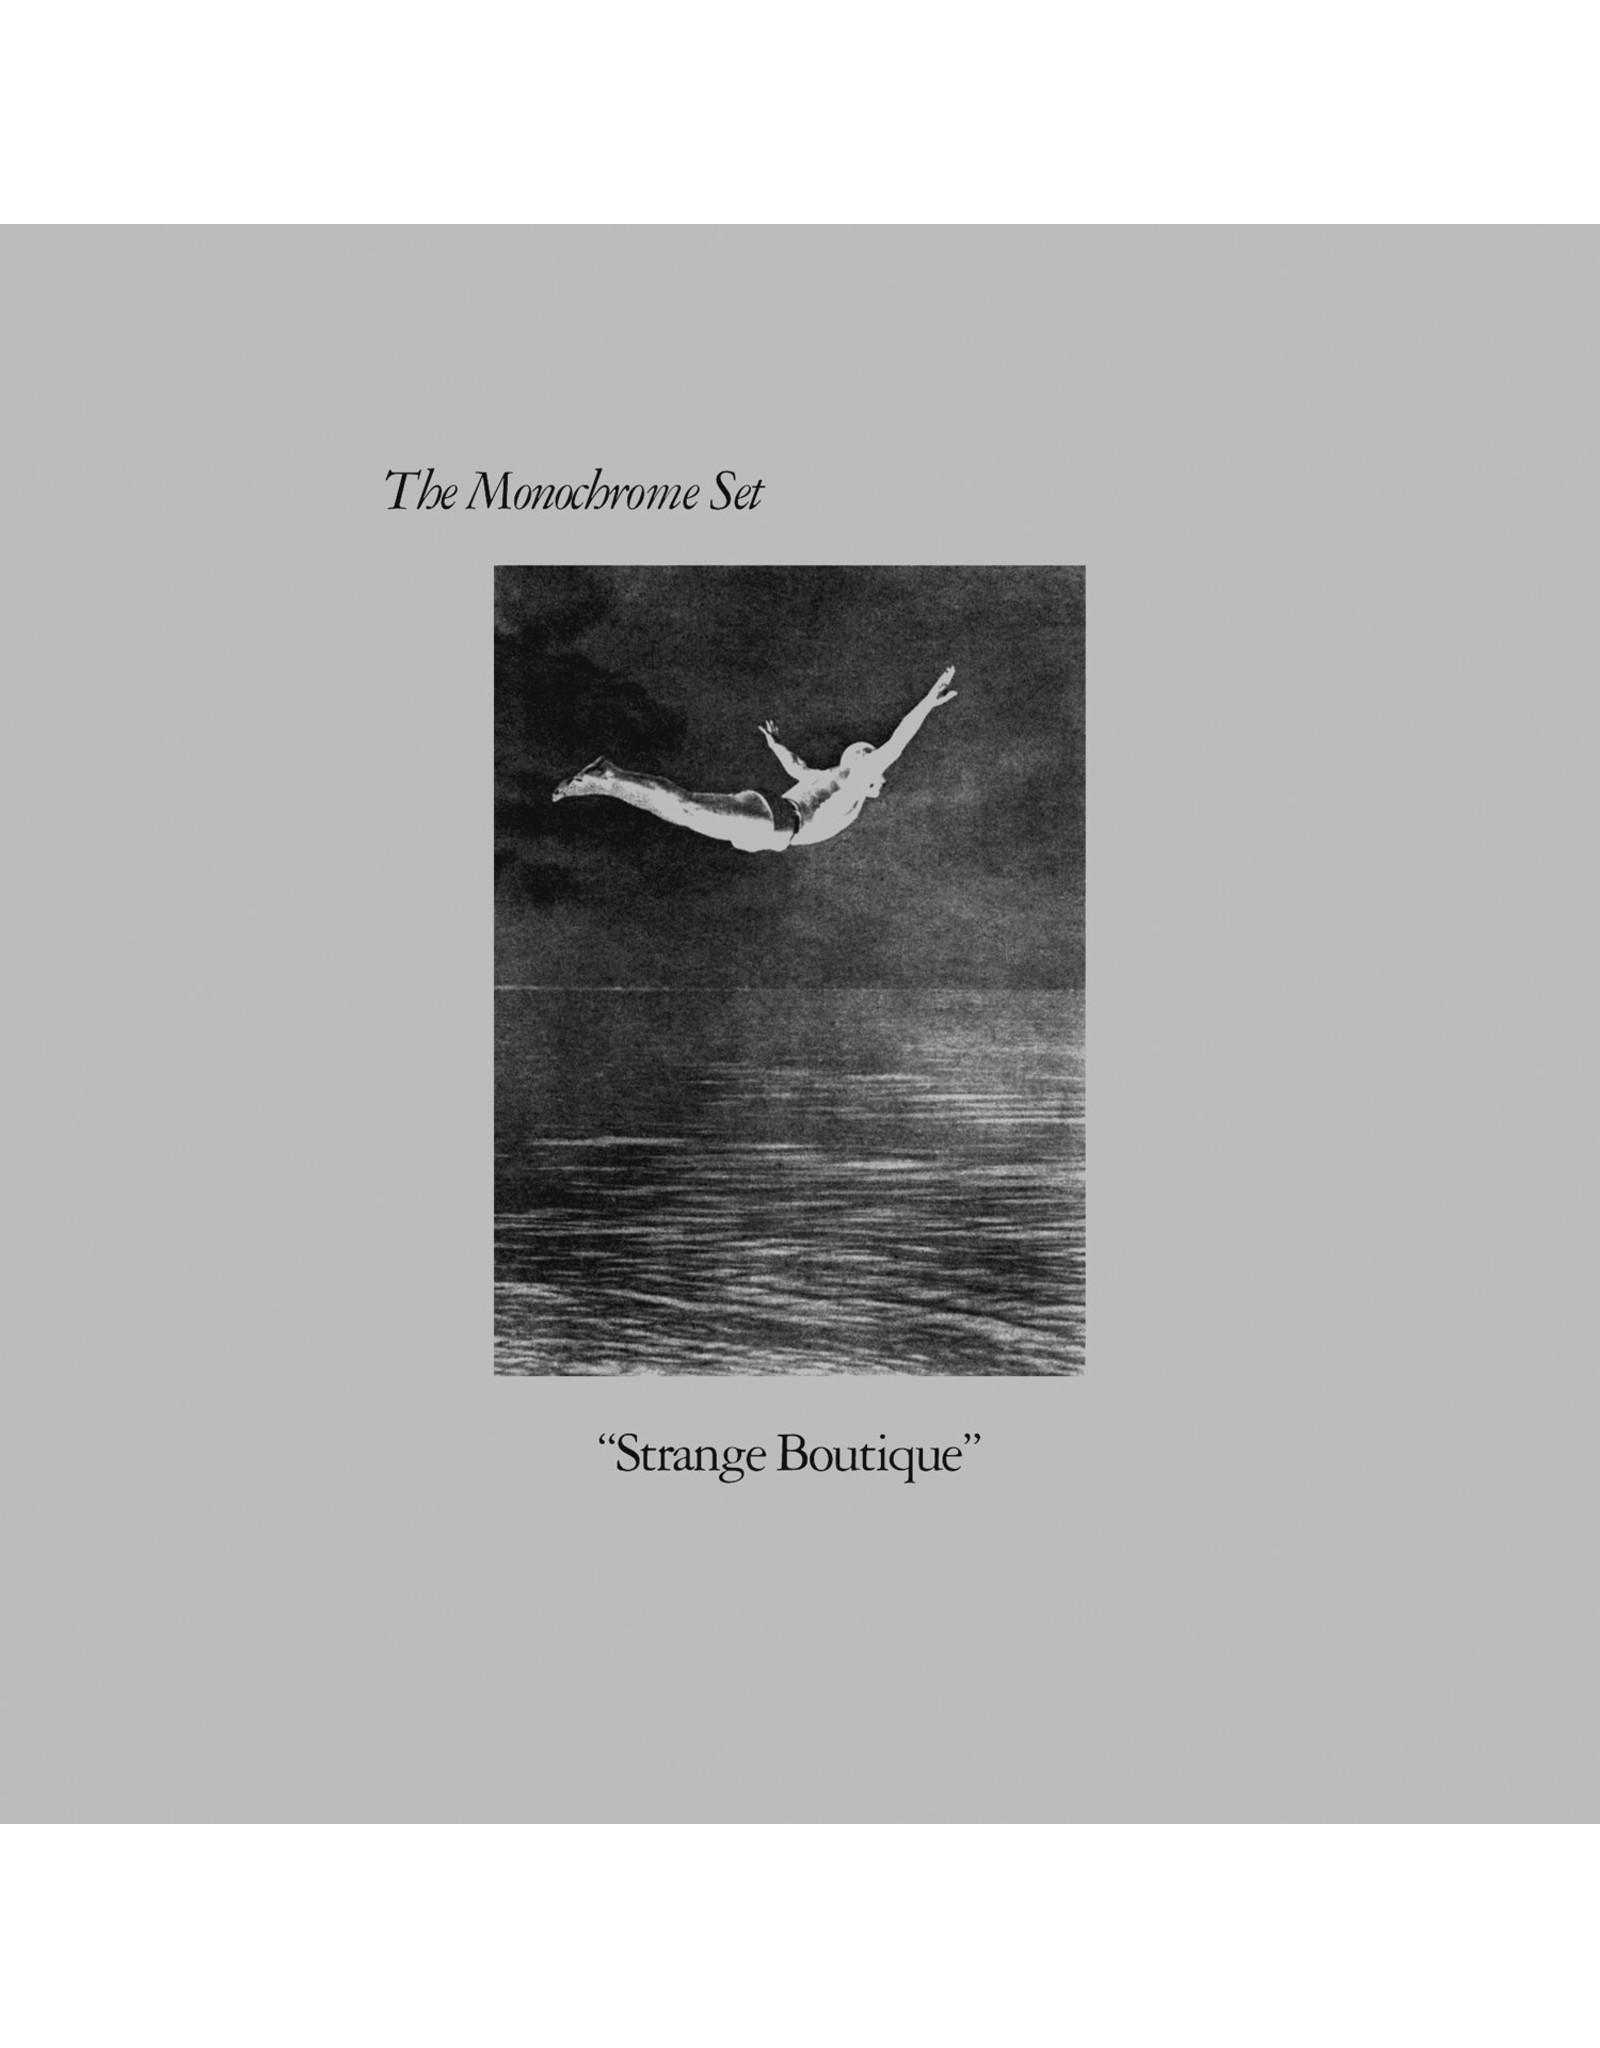 The Monochrome Set - Strange Boutique LP